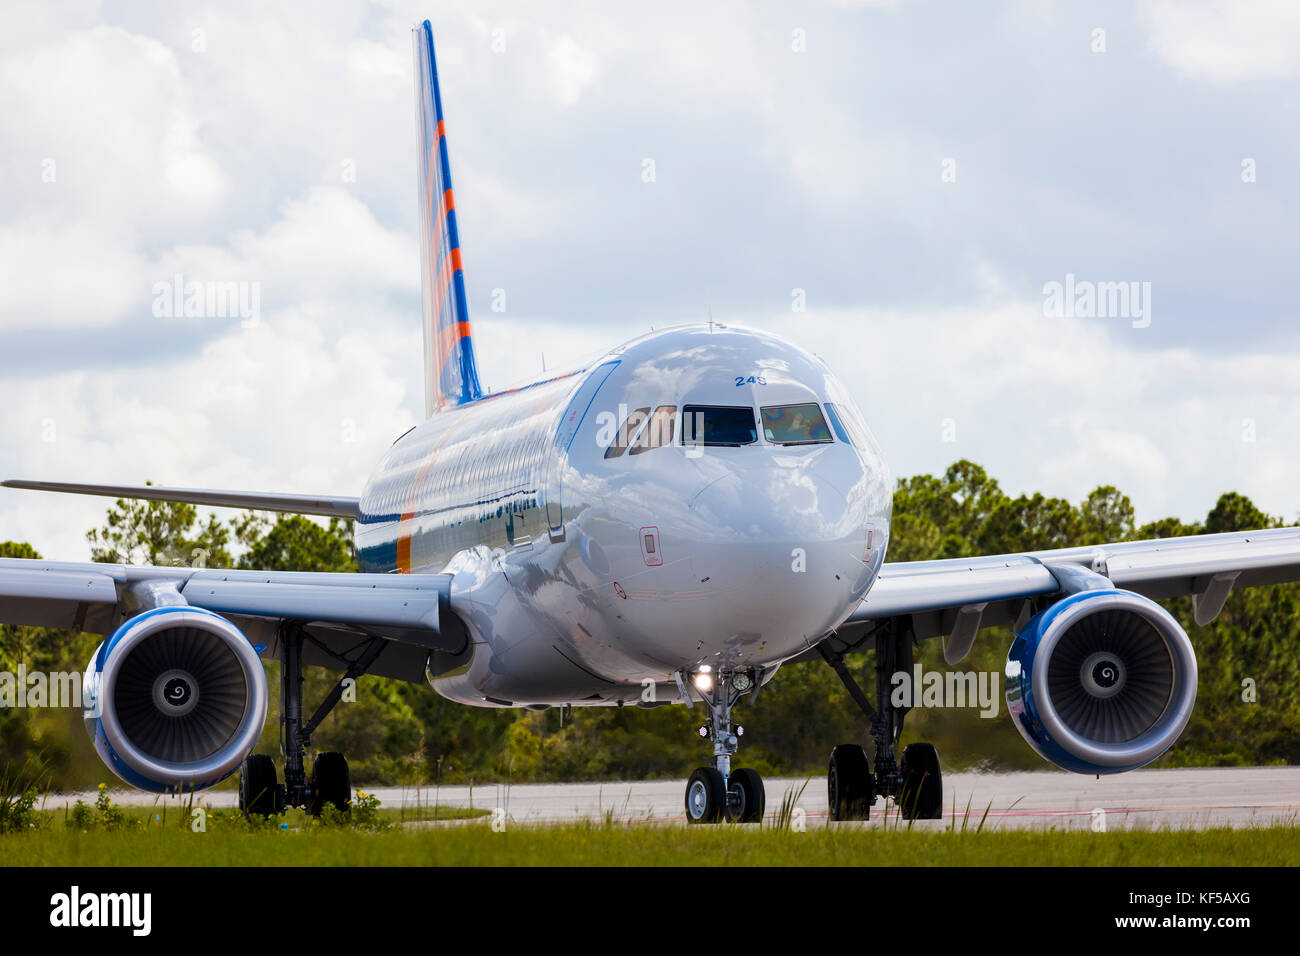 Allegiant avión comercial de pasajeros de rodadura en tierra en el aeropuerto La Florida punta gorda Foto de stock